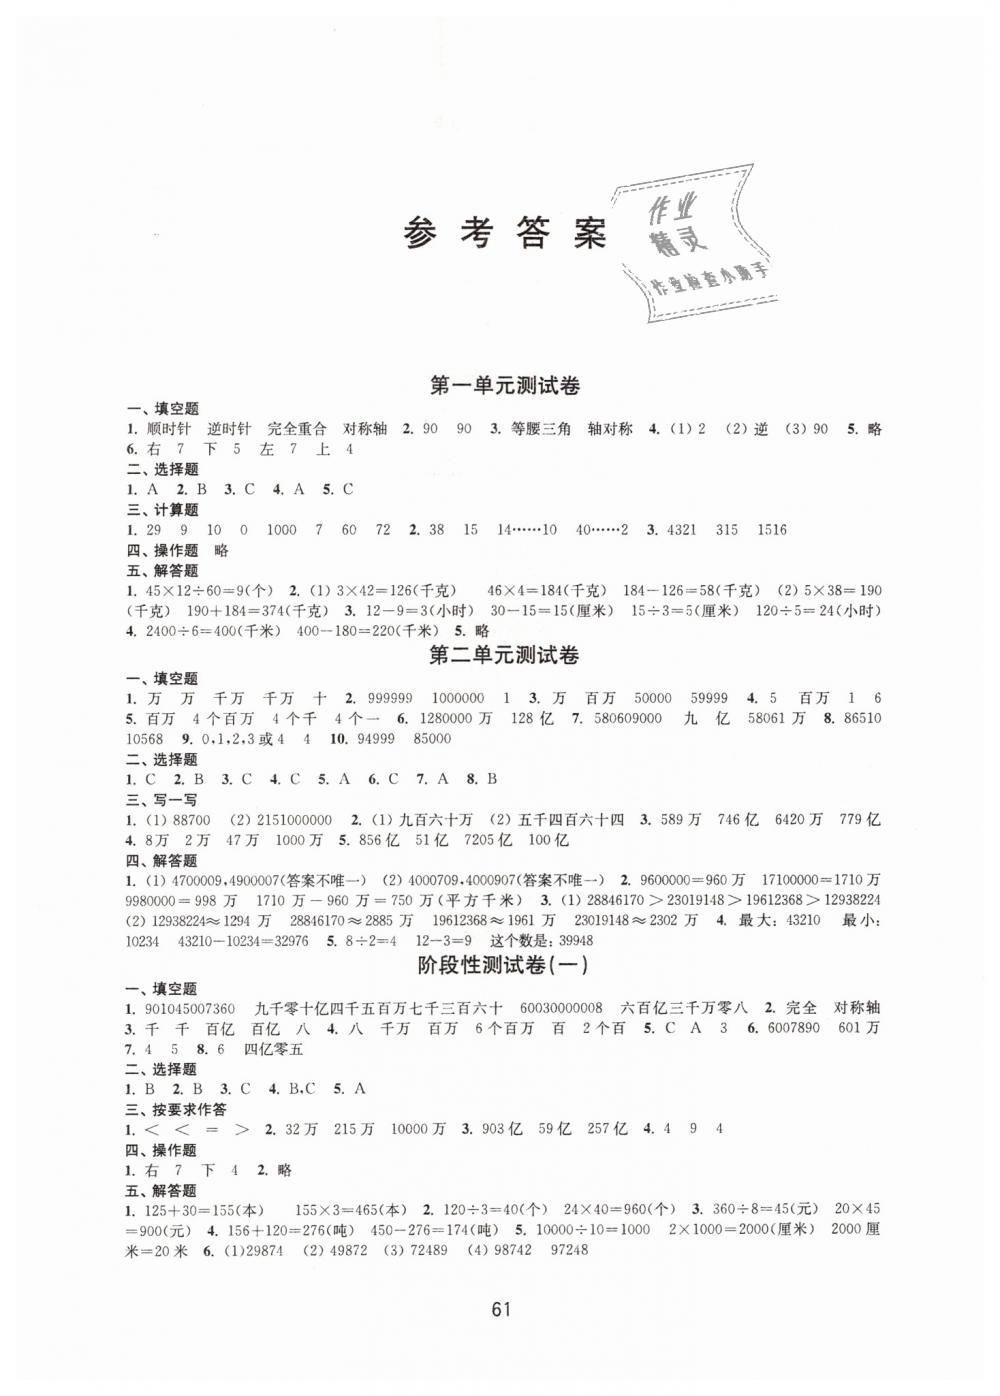 2019年练习与测试小学数学活页卷四年级下册苏教版第1页